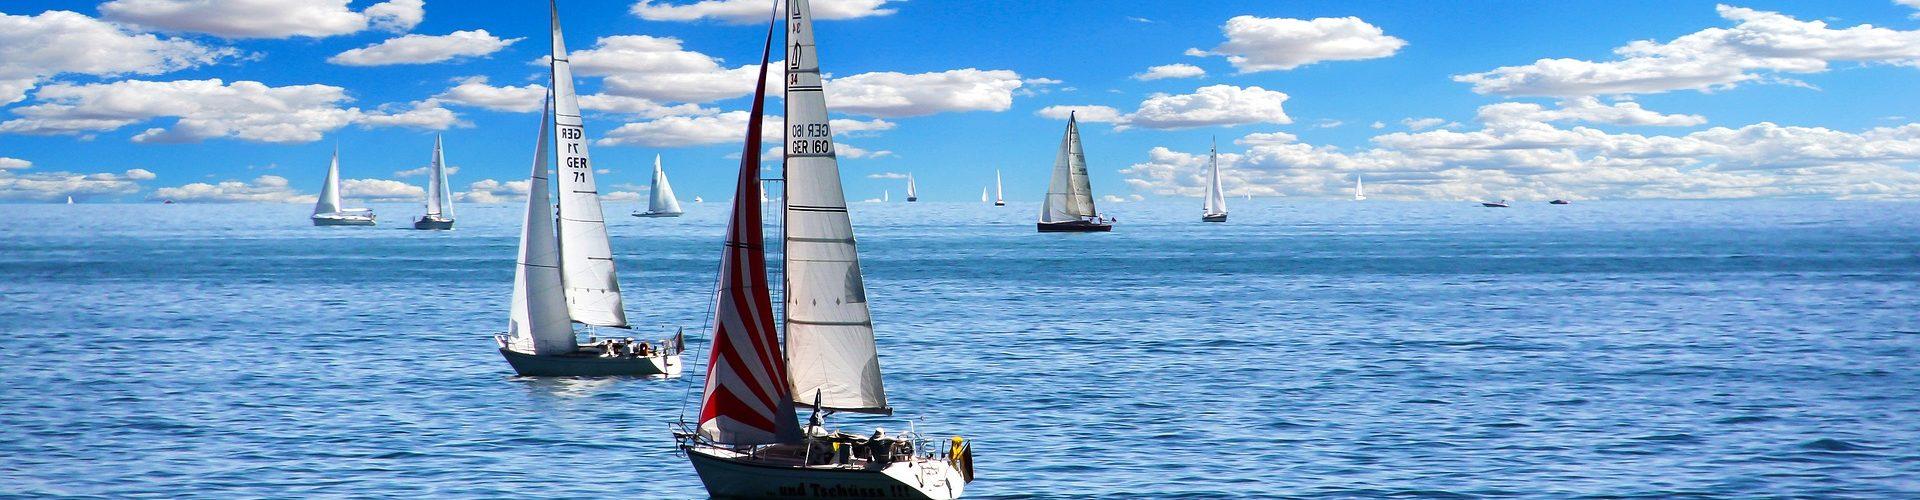 segeln lernen in Rostock segelschein machen in Rostock 1920x500 - Segeln lernen in Rostock